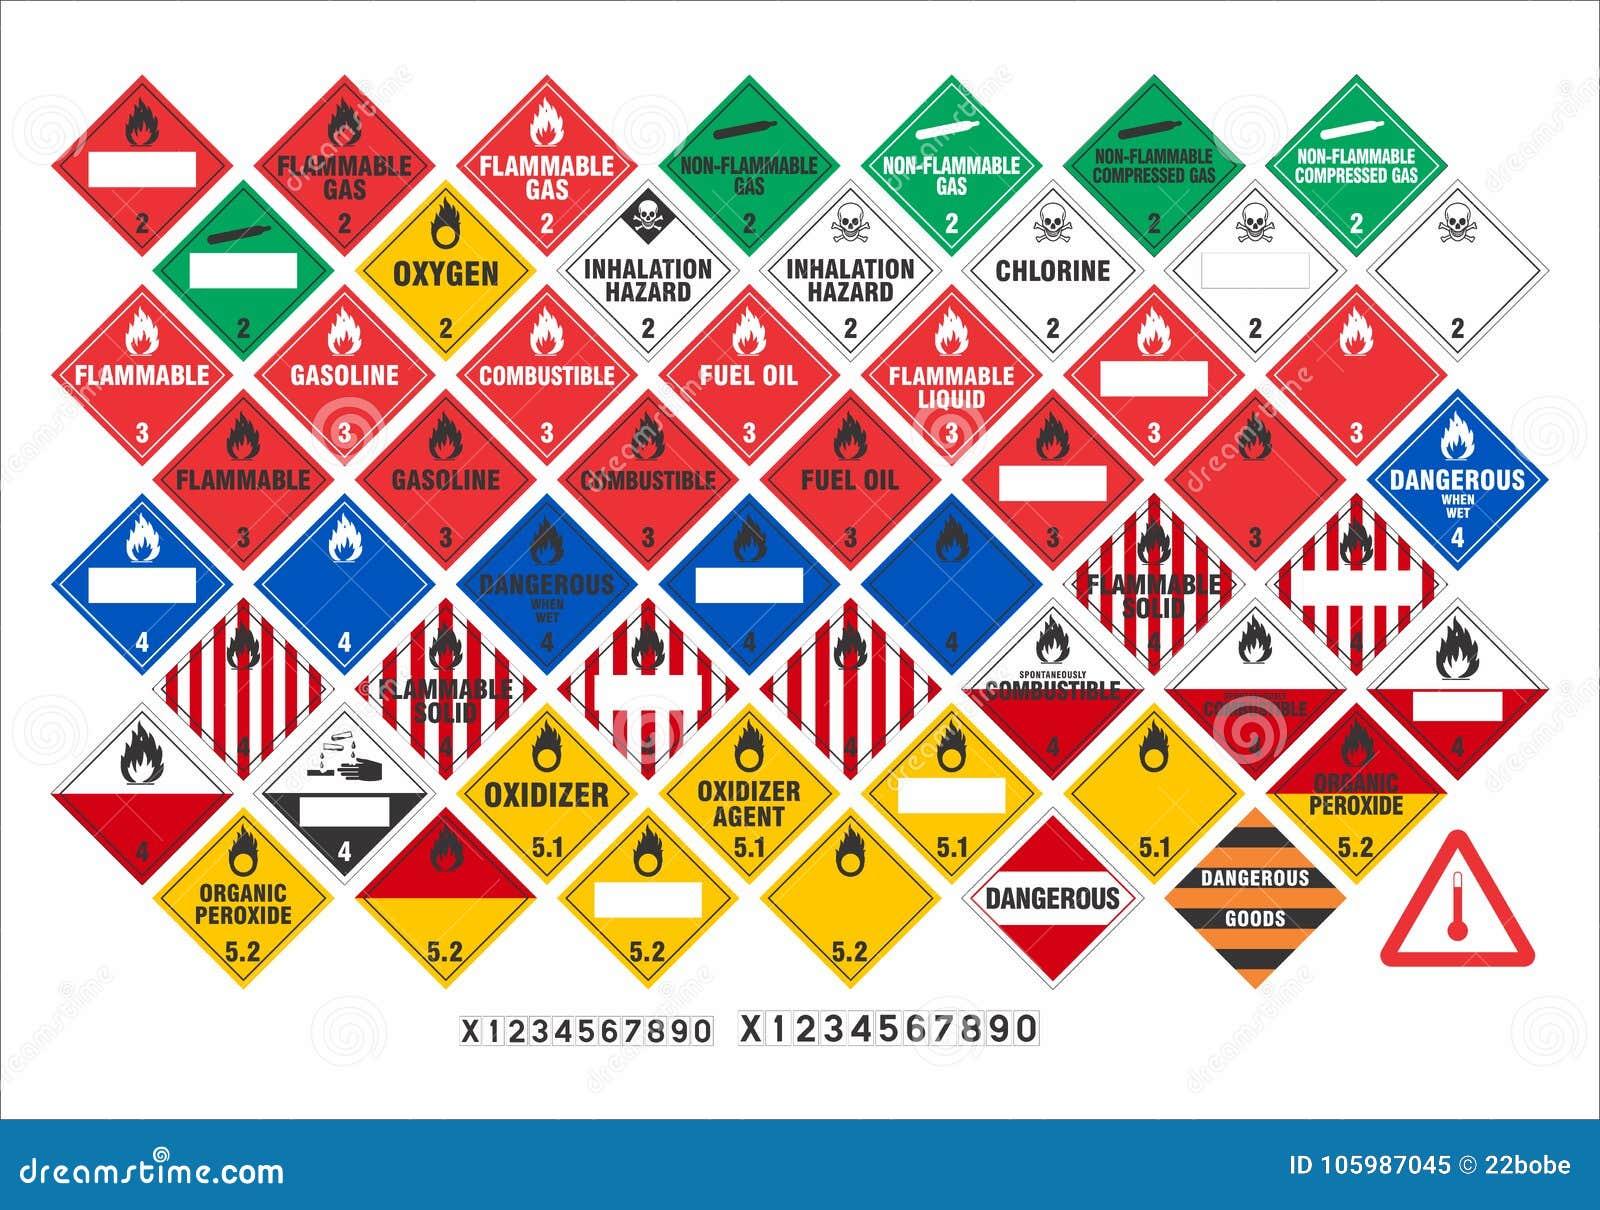 Veiligheidswaarschuwingsborden - Vervoertekens 2/3 - Vector